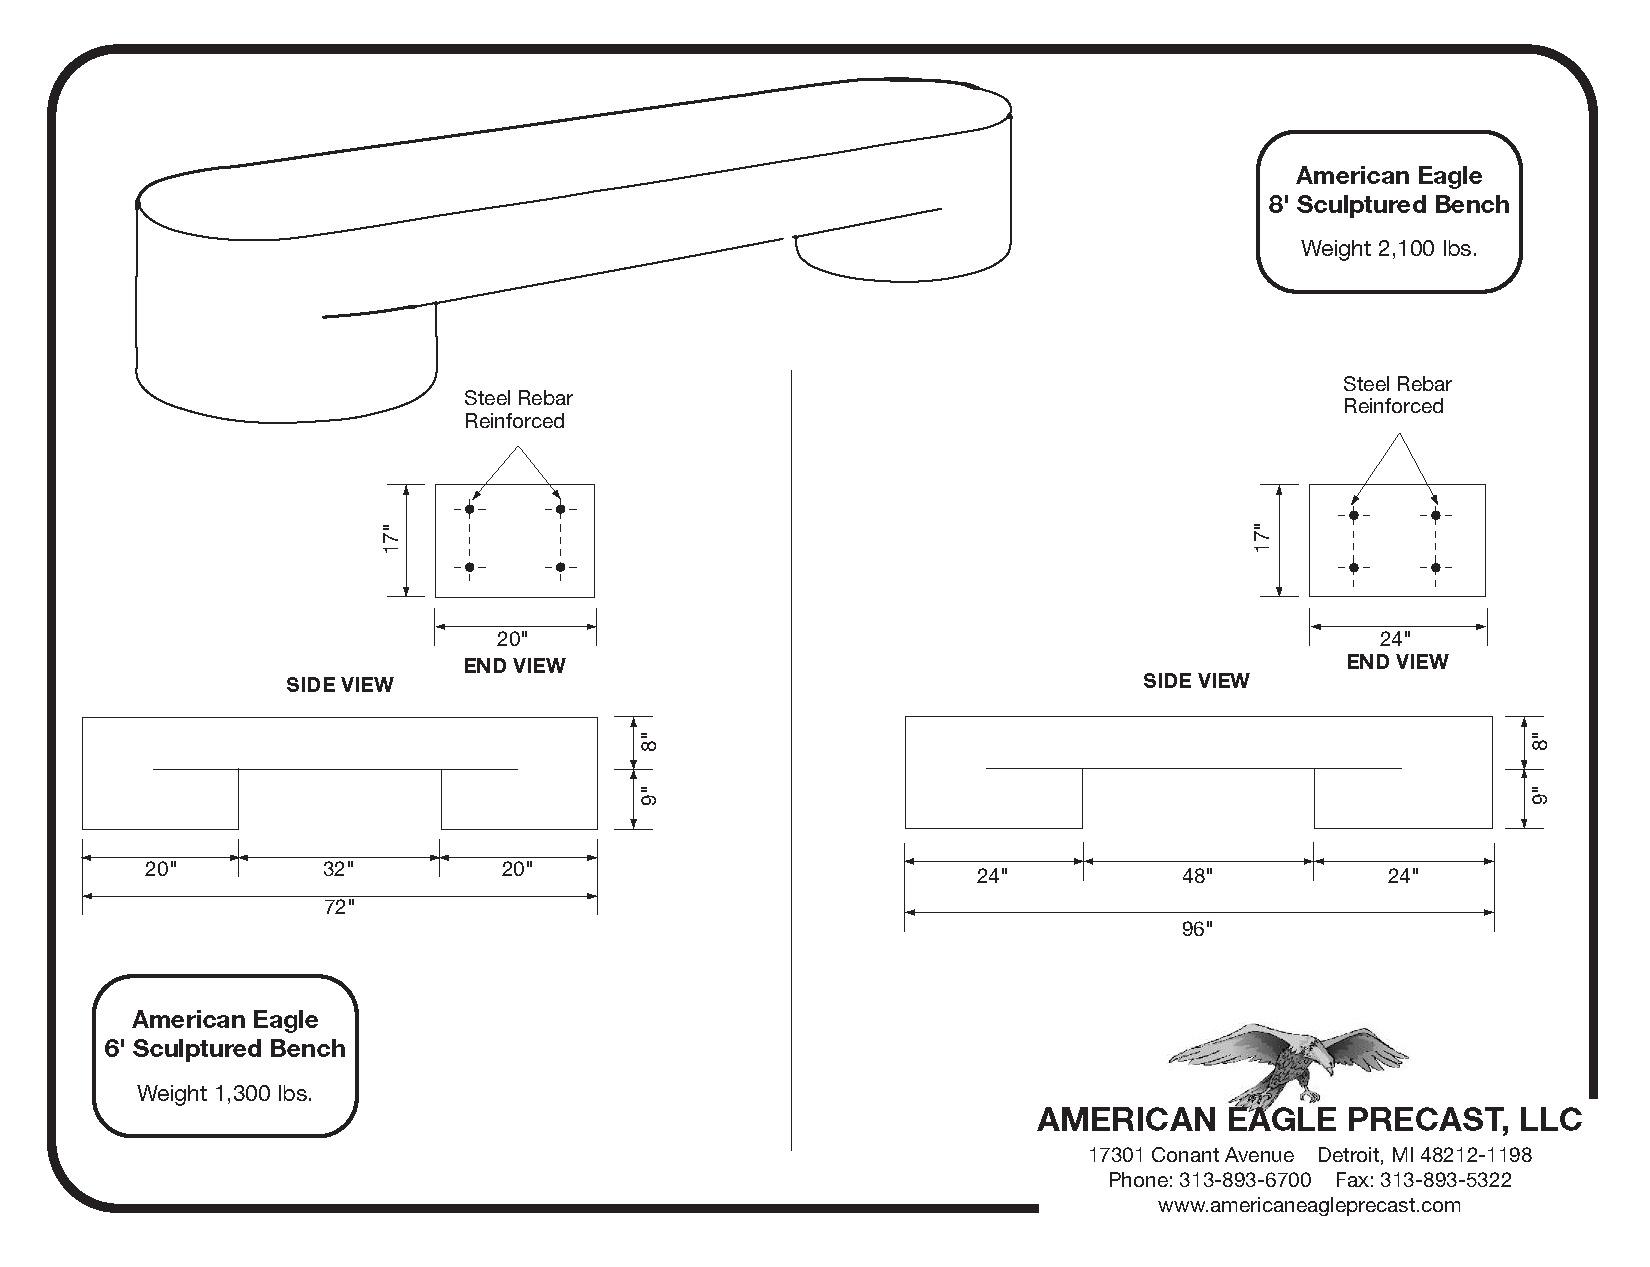 Sculptured Bench Spec Sheet